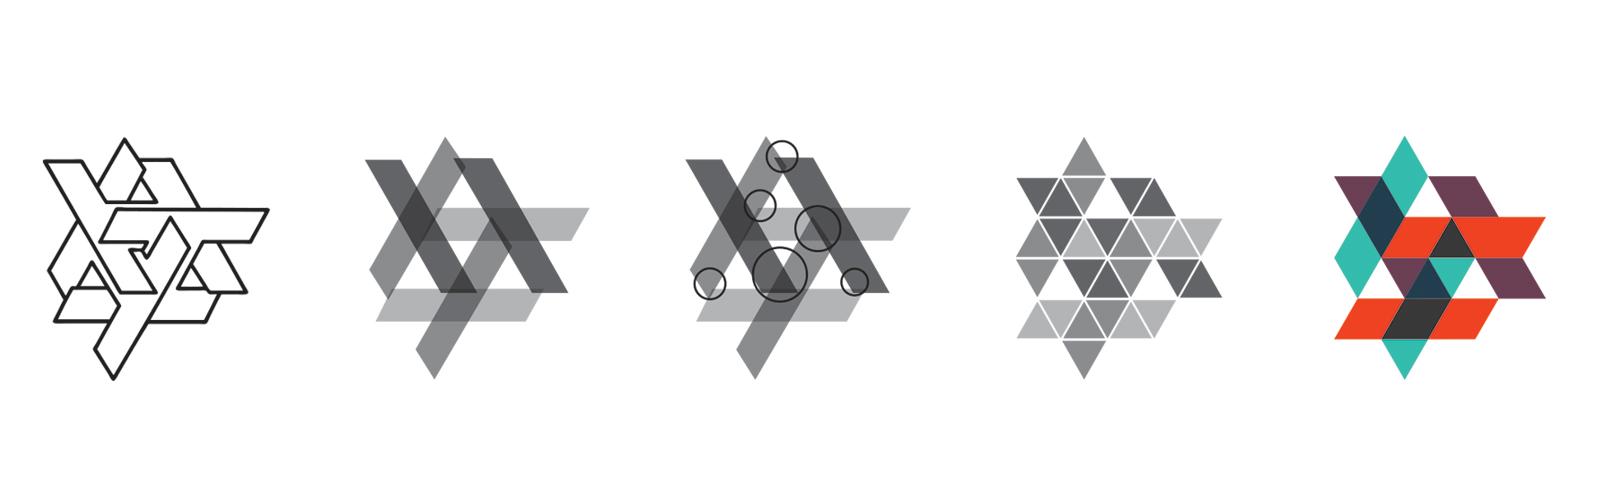 RICH_logo-progression